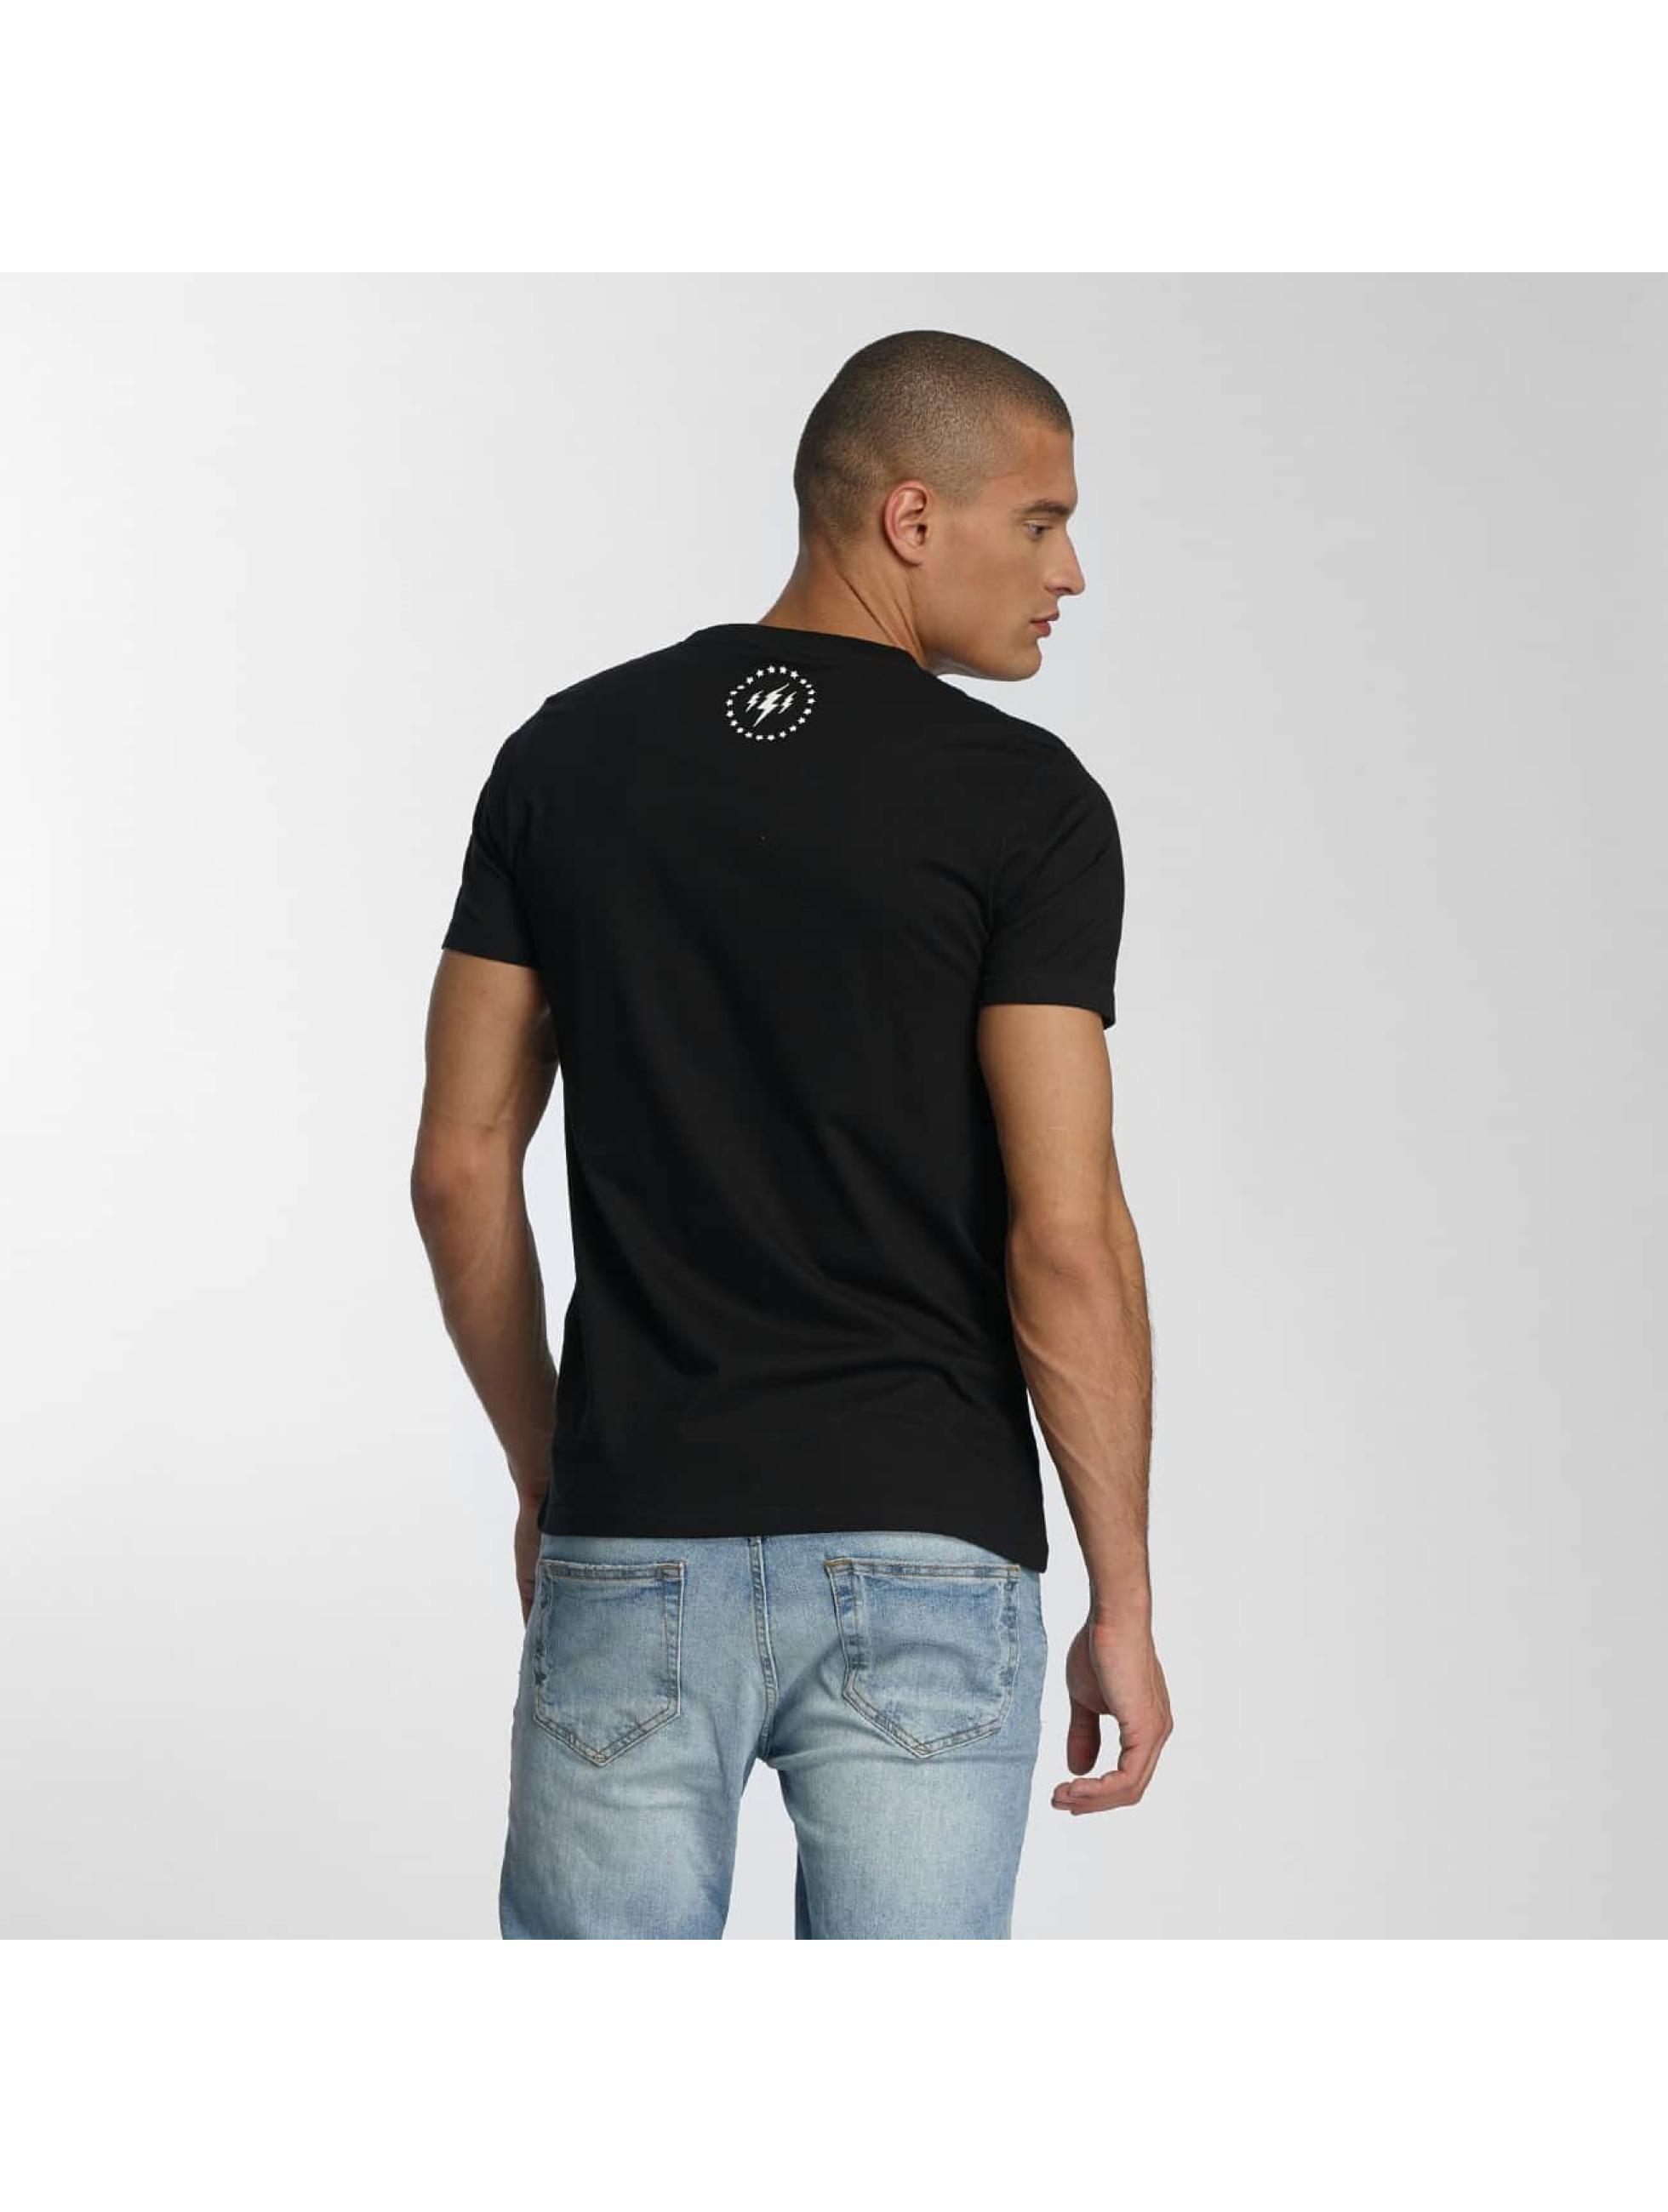 TrueSpin T-Shirt 6 black